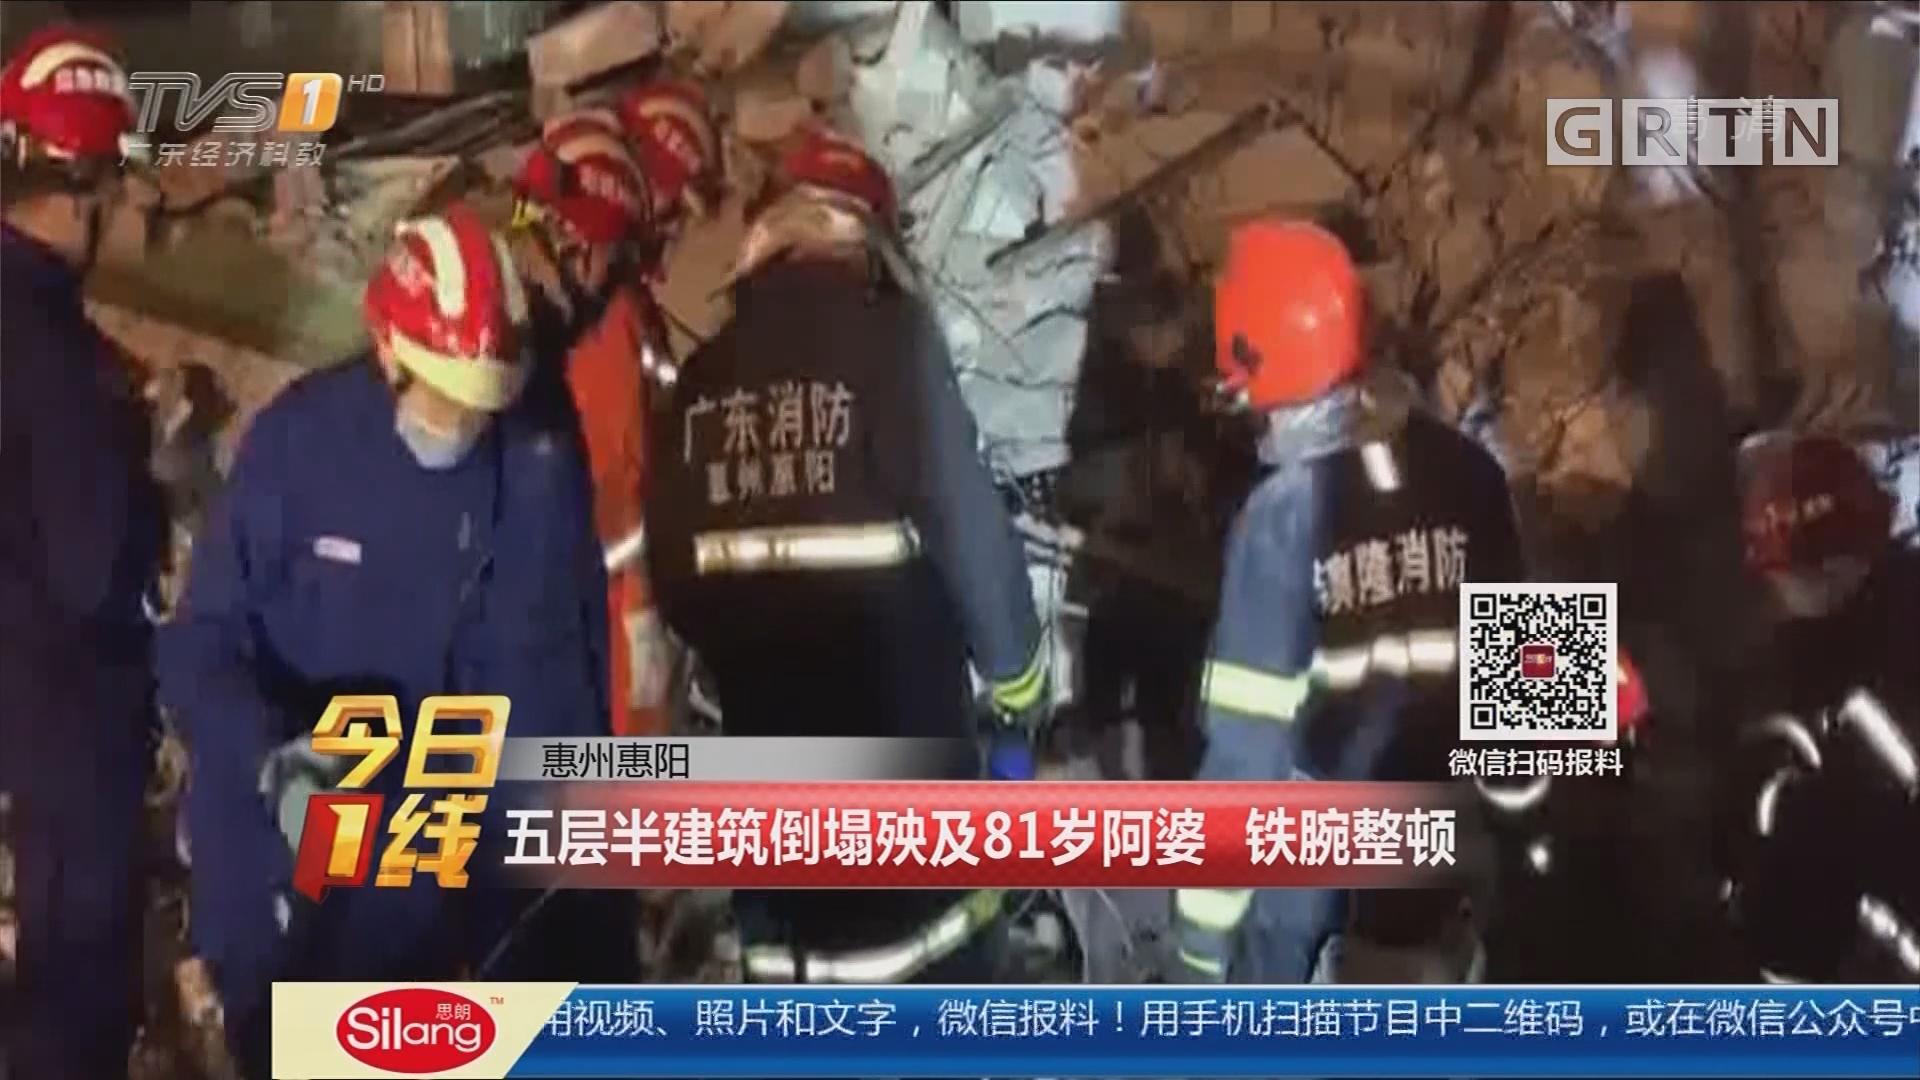 惠州惠阳:五层半建筑倒塌殃及81岁阿婆 铁腕整顿